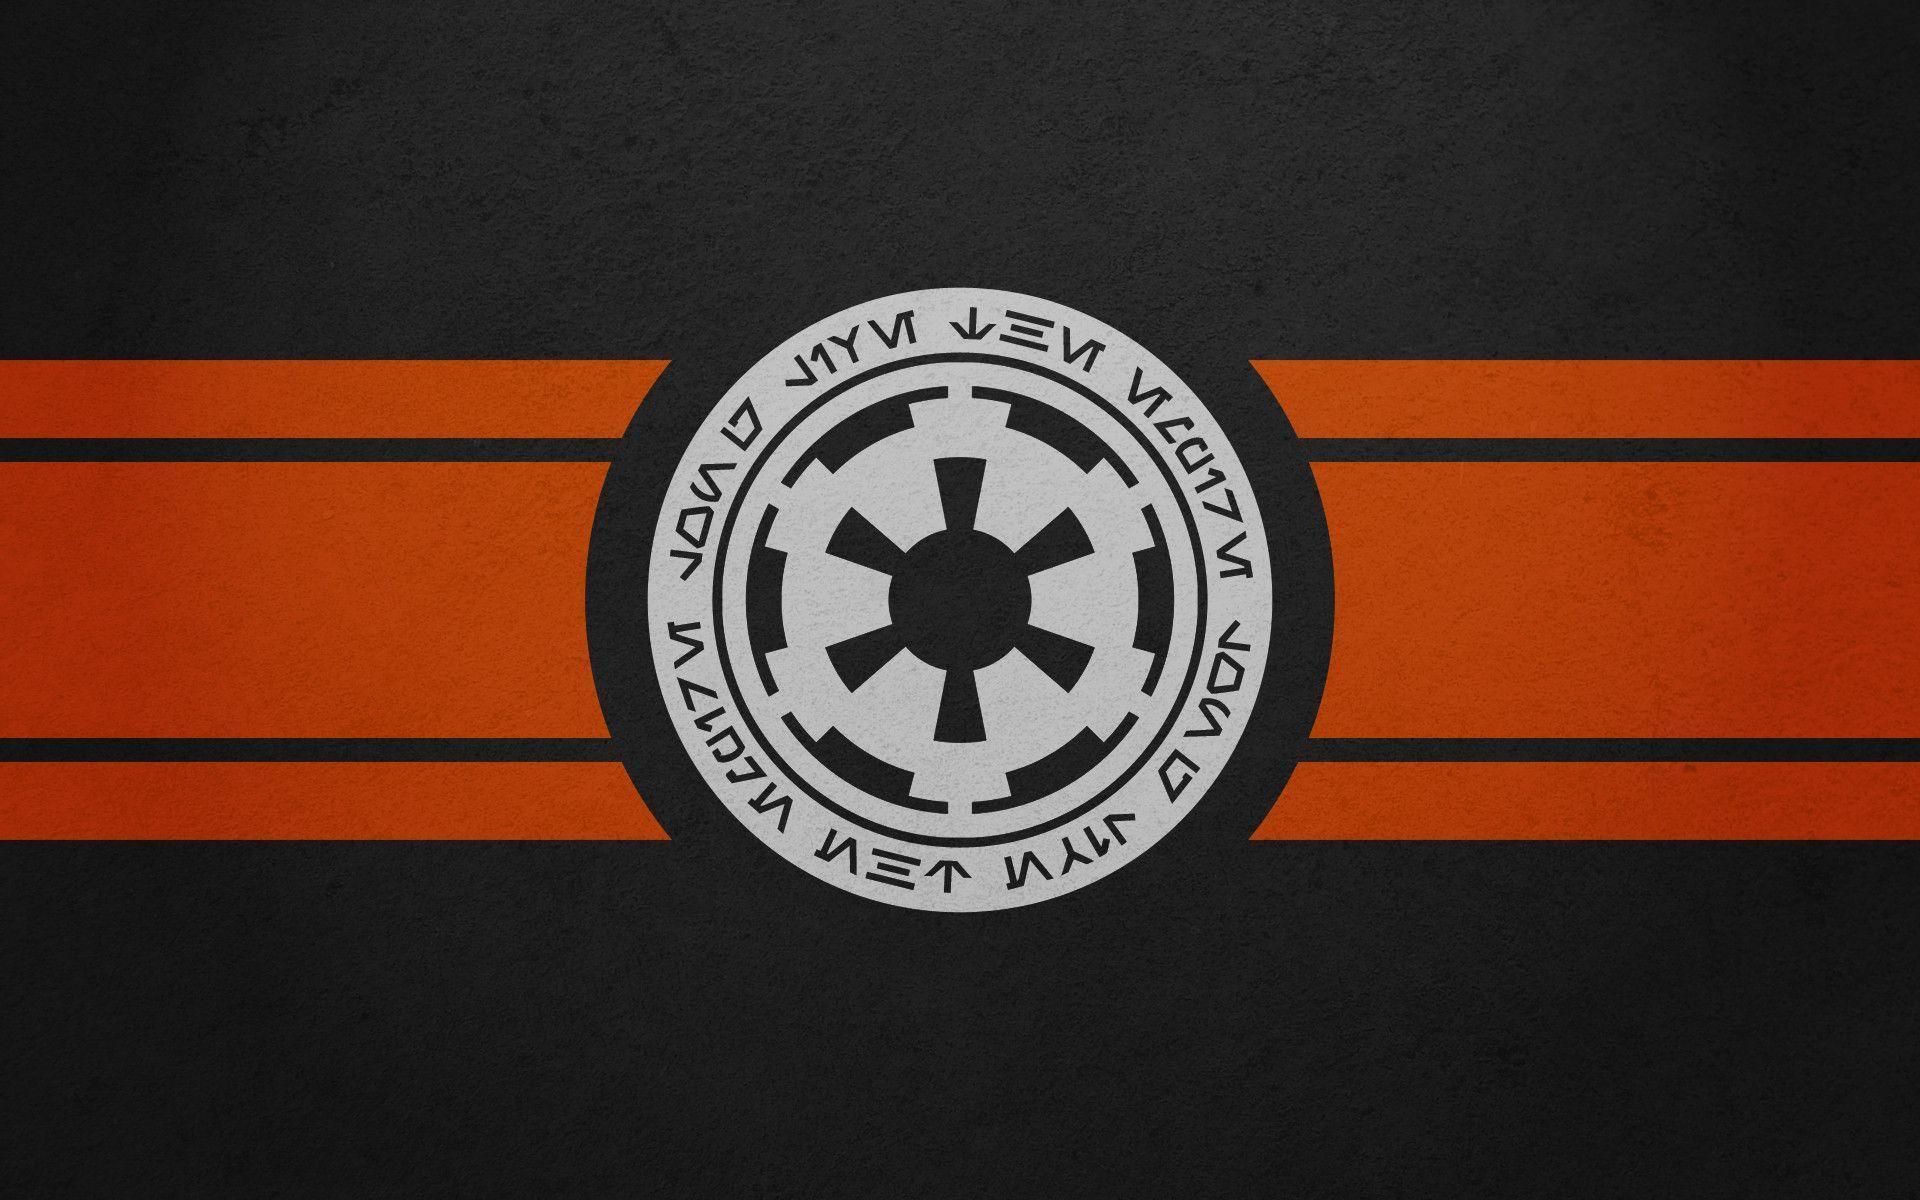 [√] Empire Méridien 2caade40f493b4c5ac75b6ea9d97d272